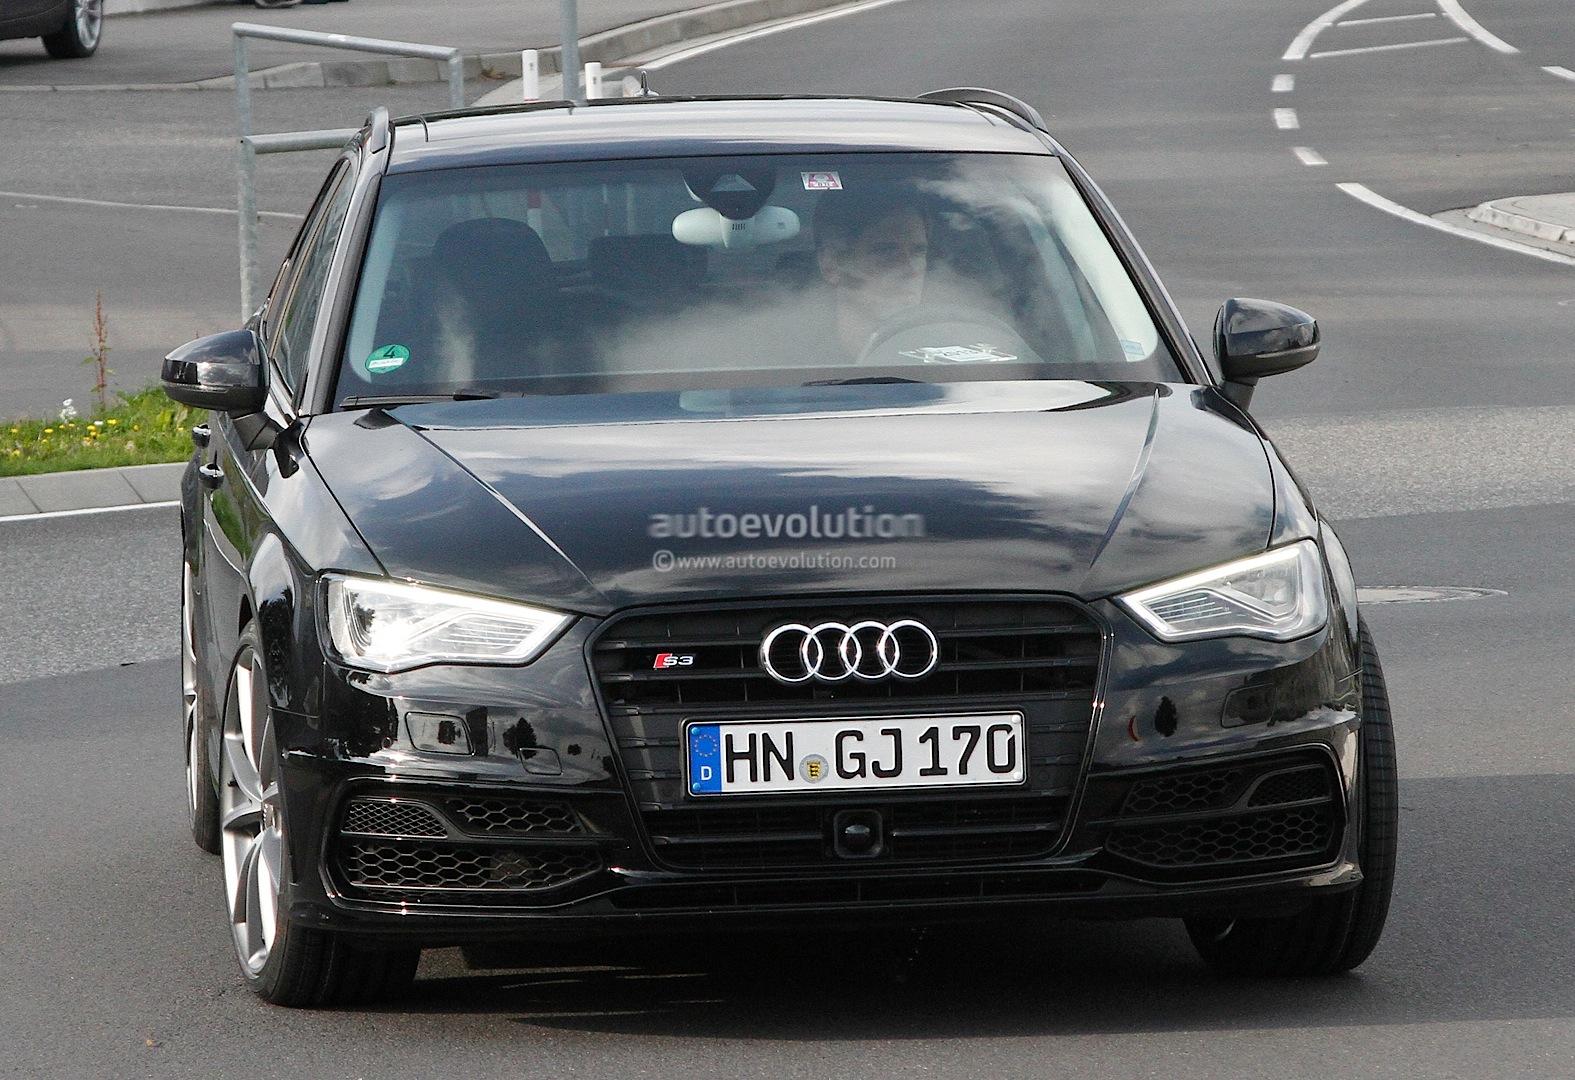 S0-La-future-Audi-RS3-surprise-aux-abords-du-Ring-304605